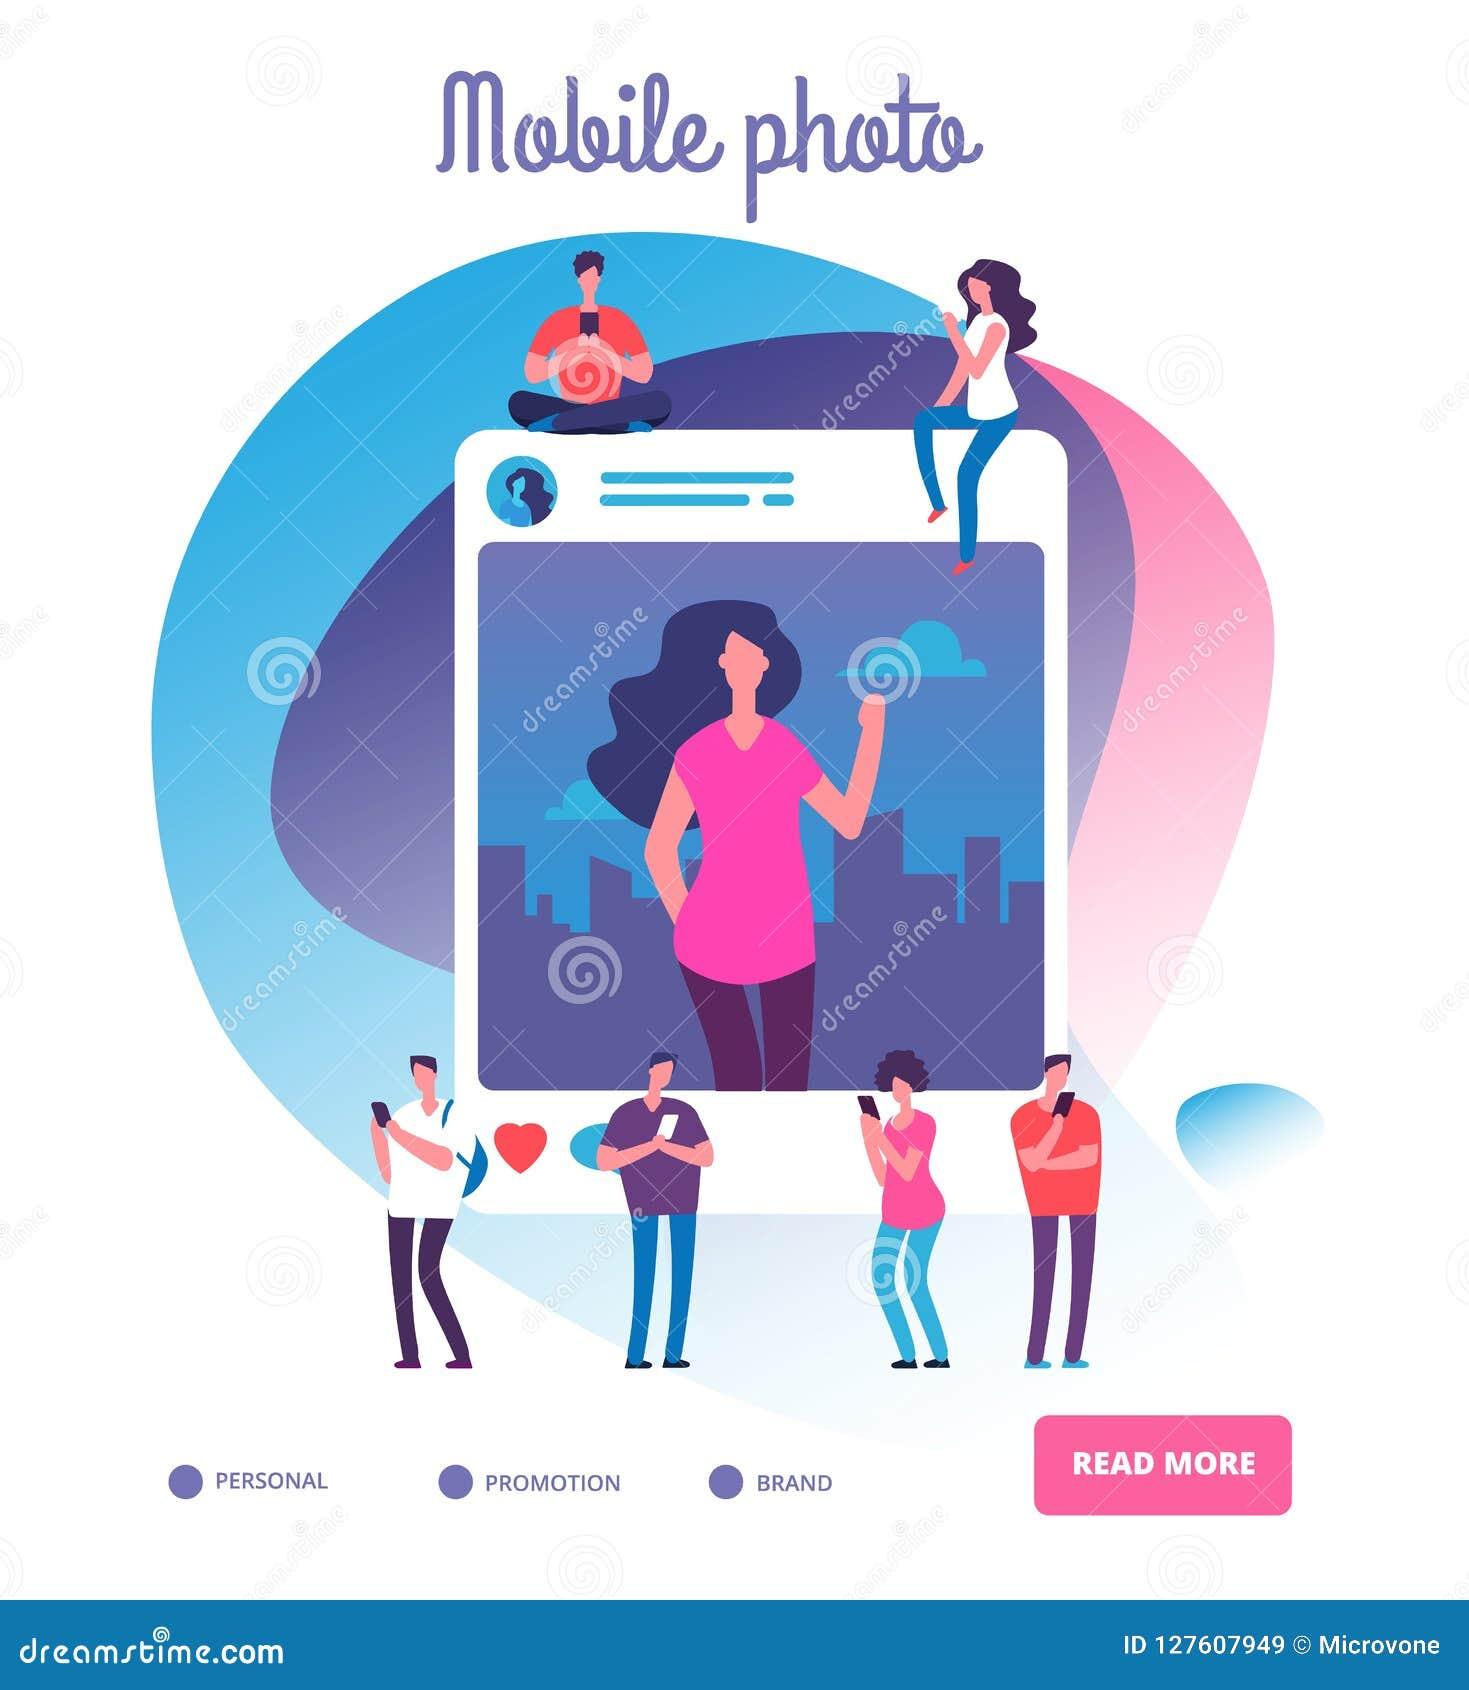 Νέοι που τοποθετούν τις μόνες φωτογραφίες Κοινωνική δημοσίευση δικτύων, νεαροί που γυρίζει τις εικόνες φωτογραφιών ή τον εθισμό s